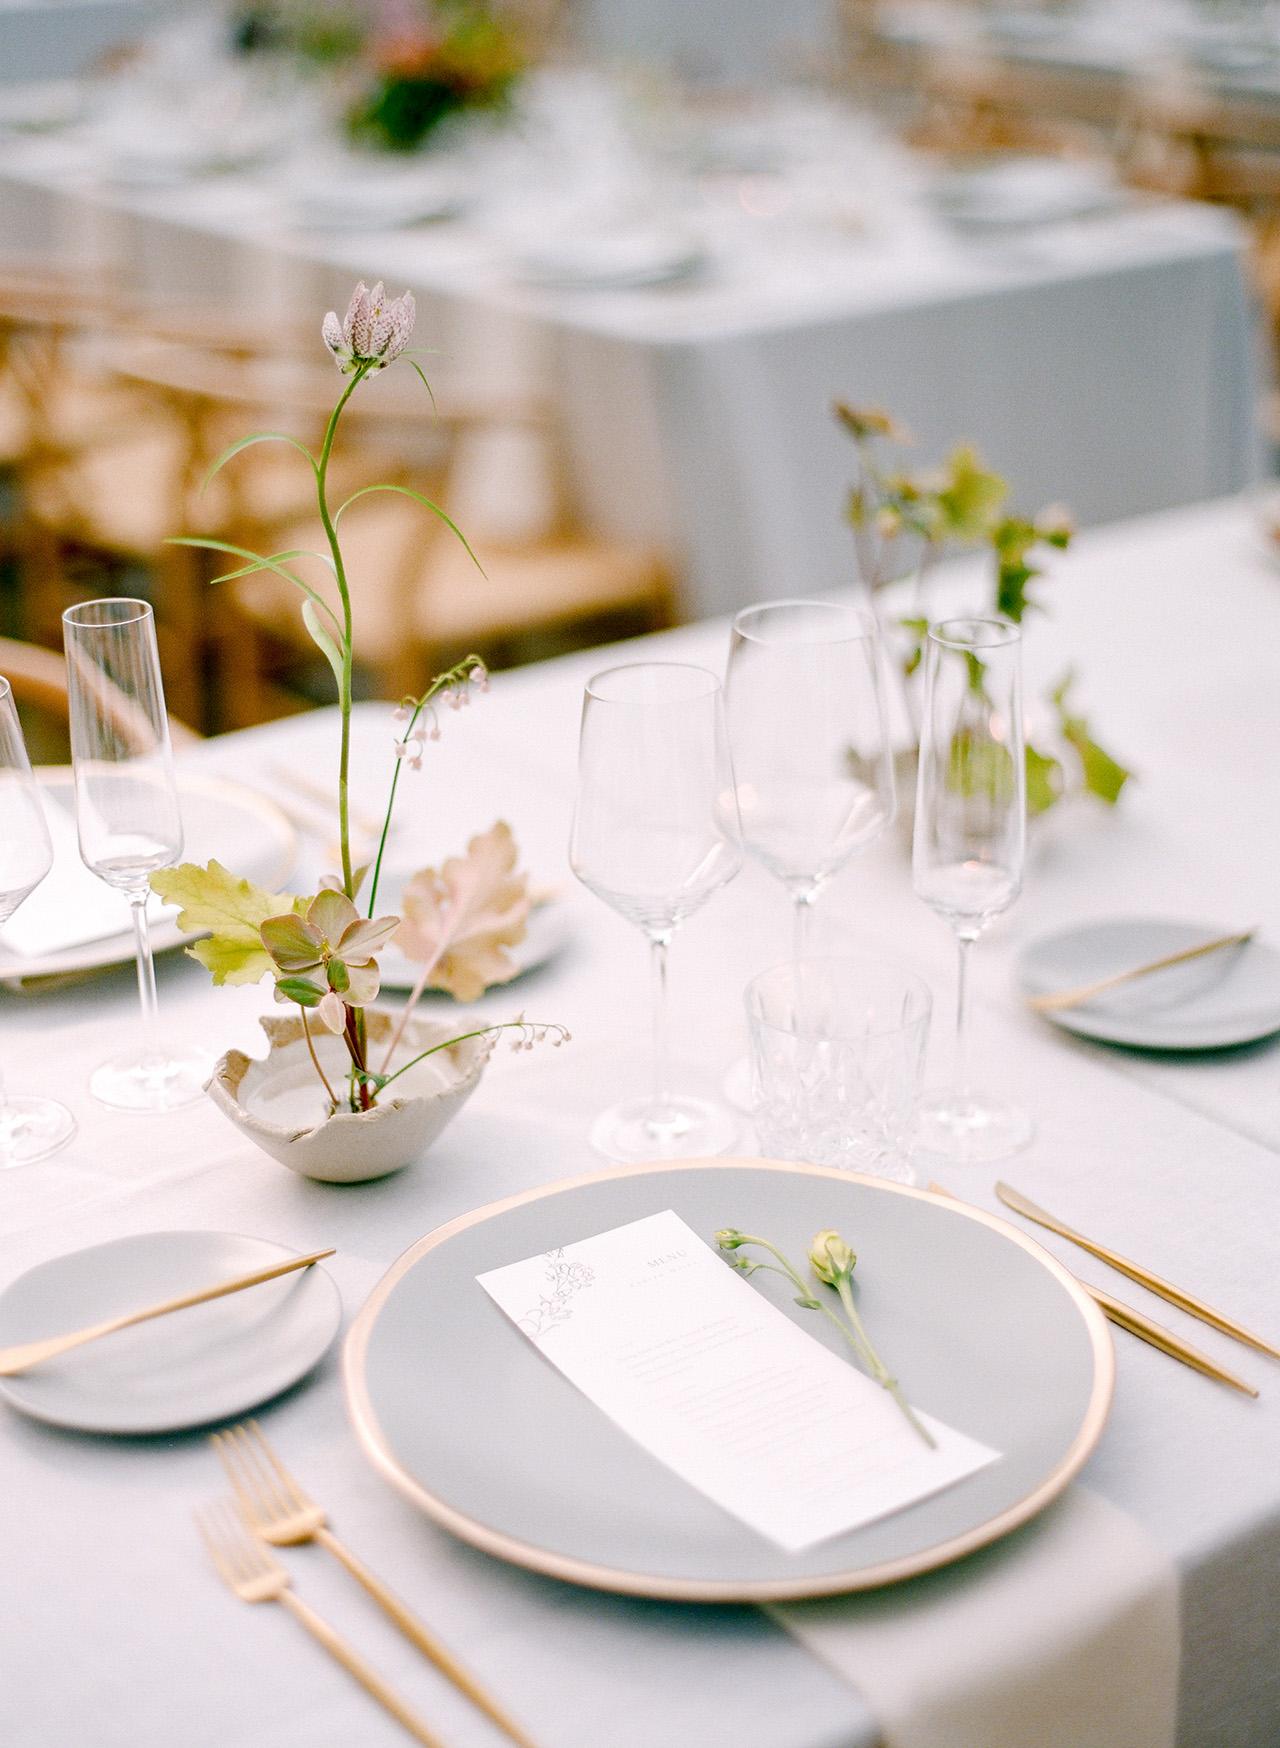 stephanie calvin wedding place settings